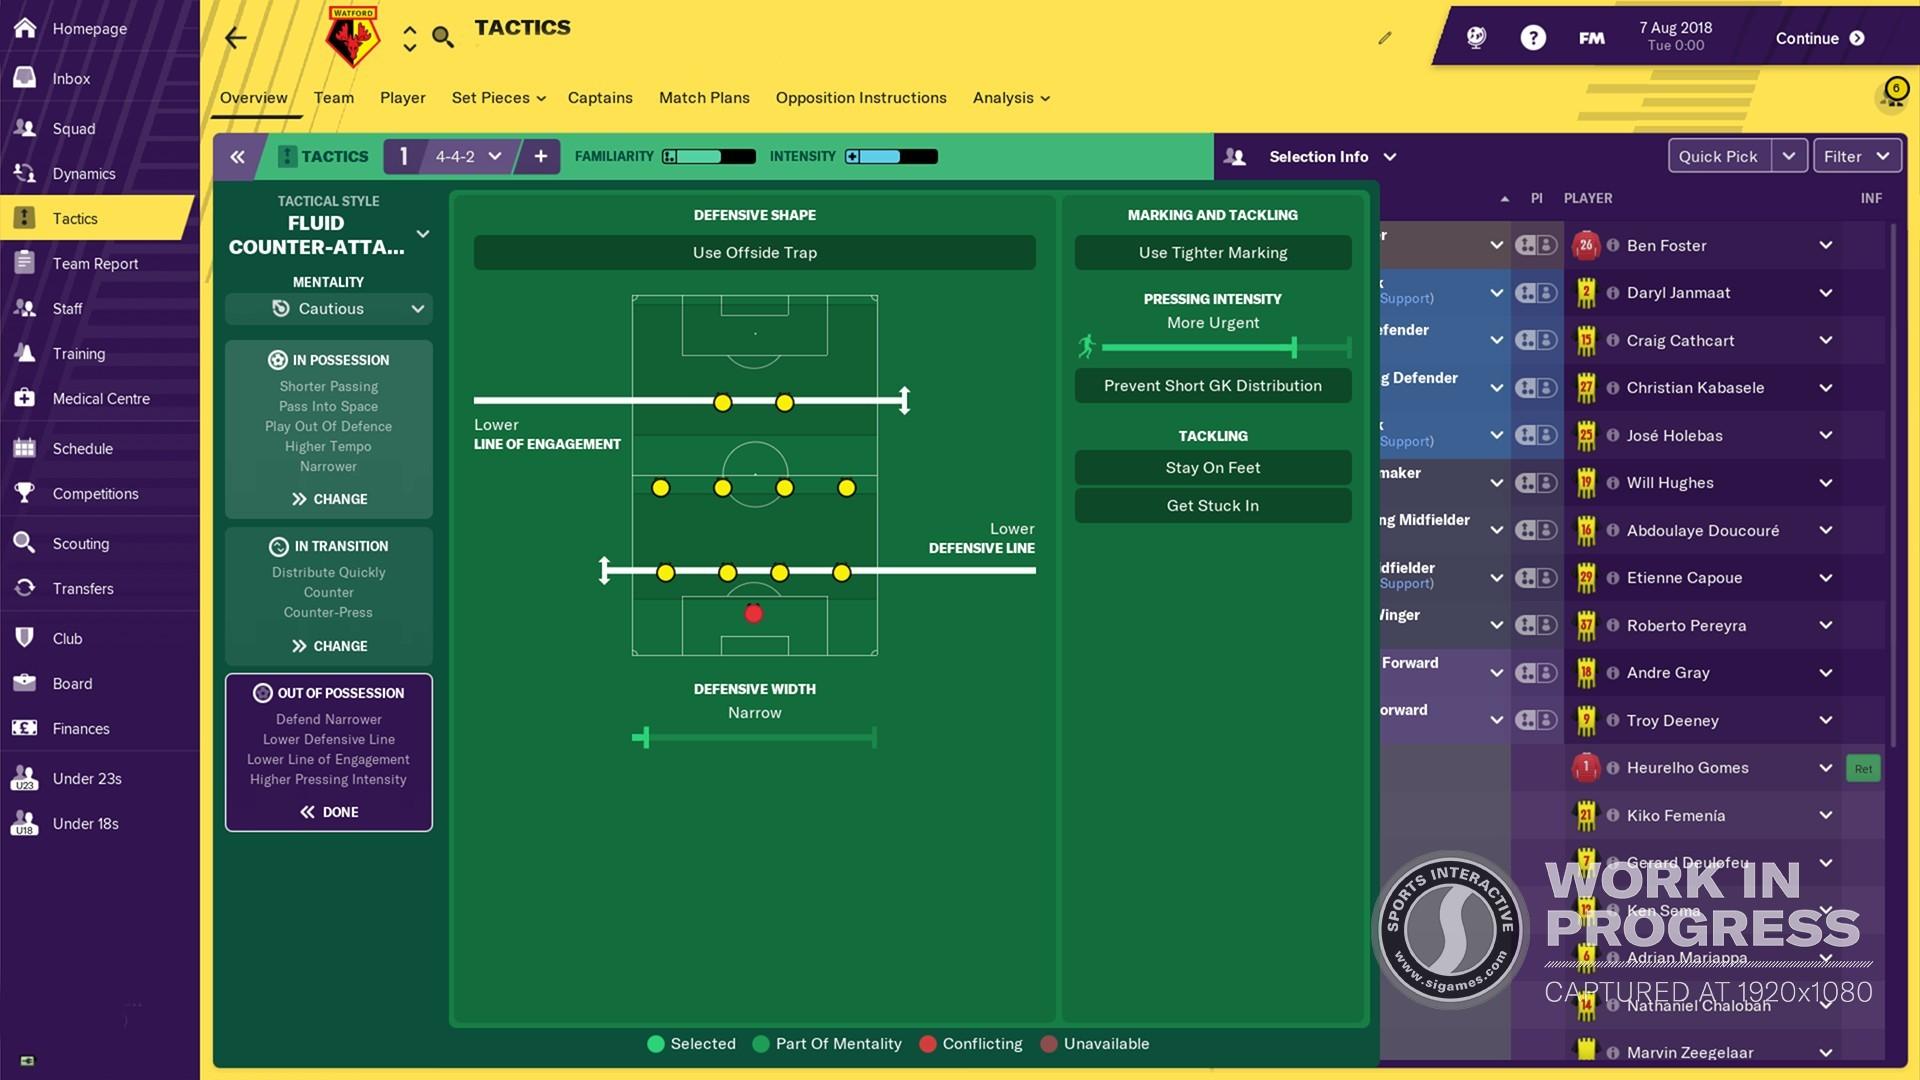 Football Manager 2019 Screenshot 1